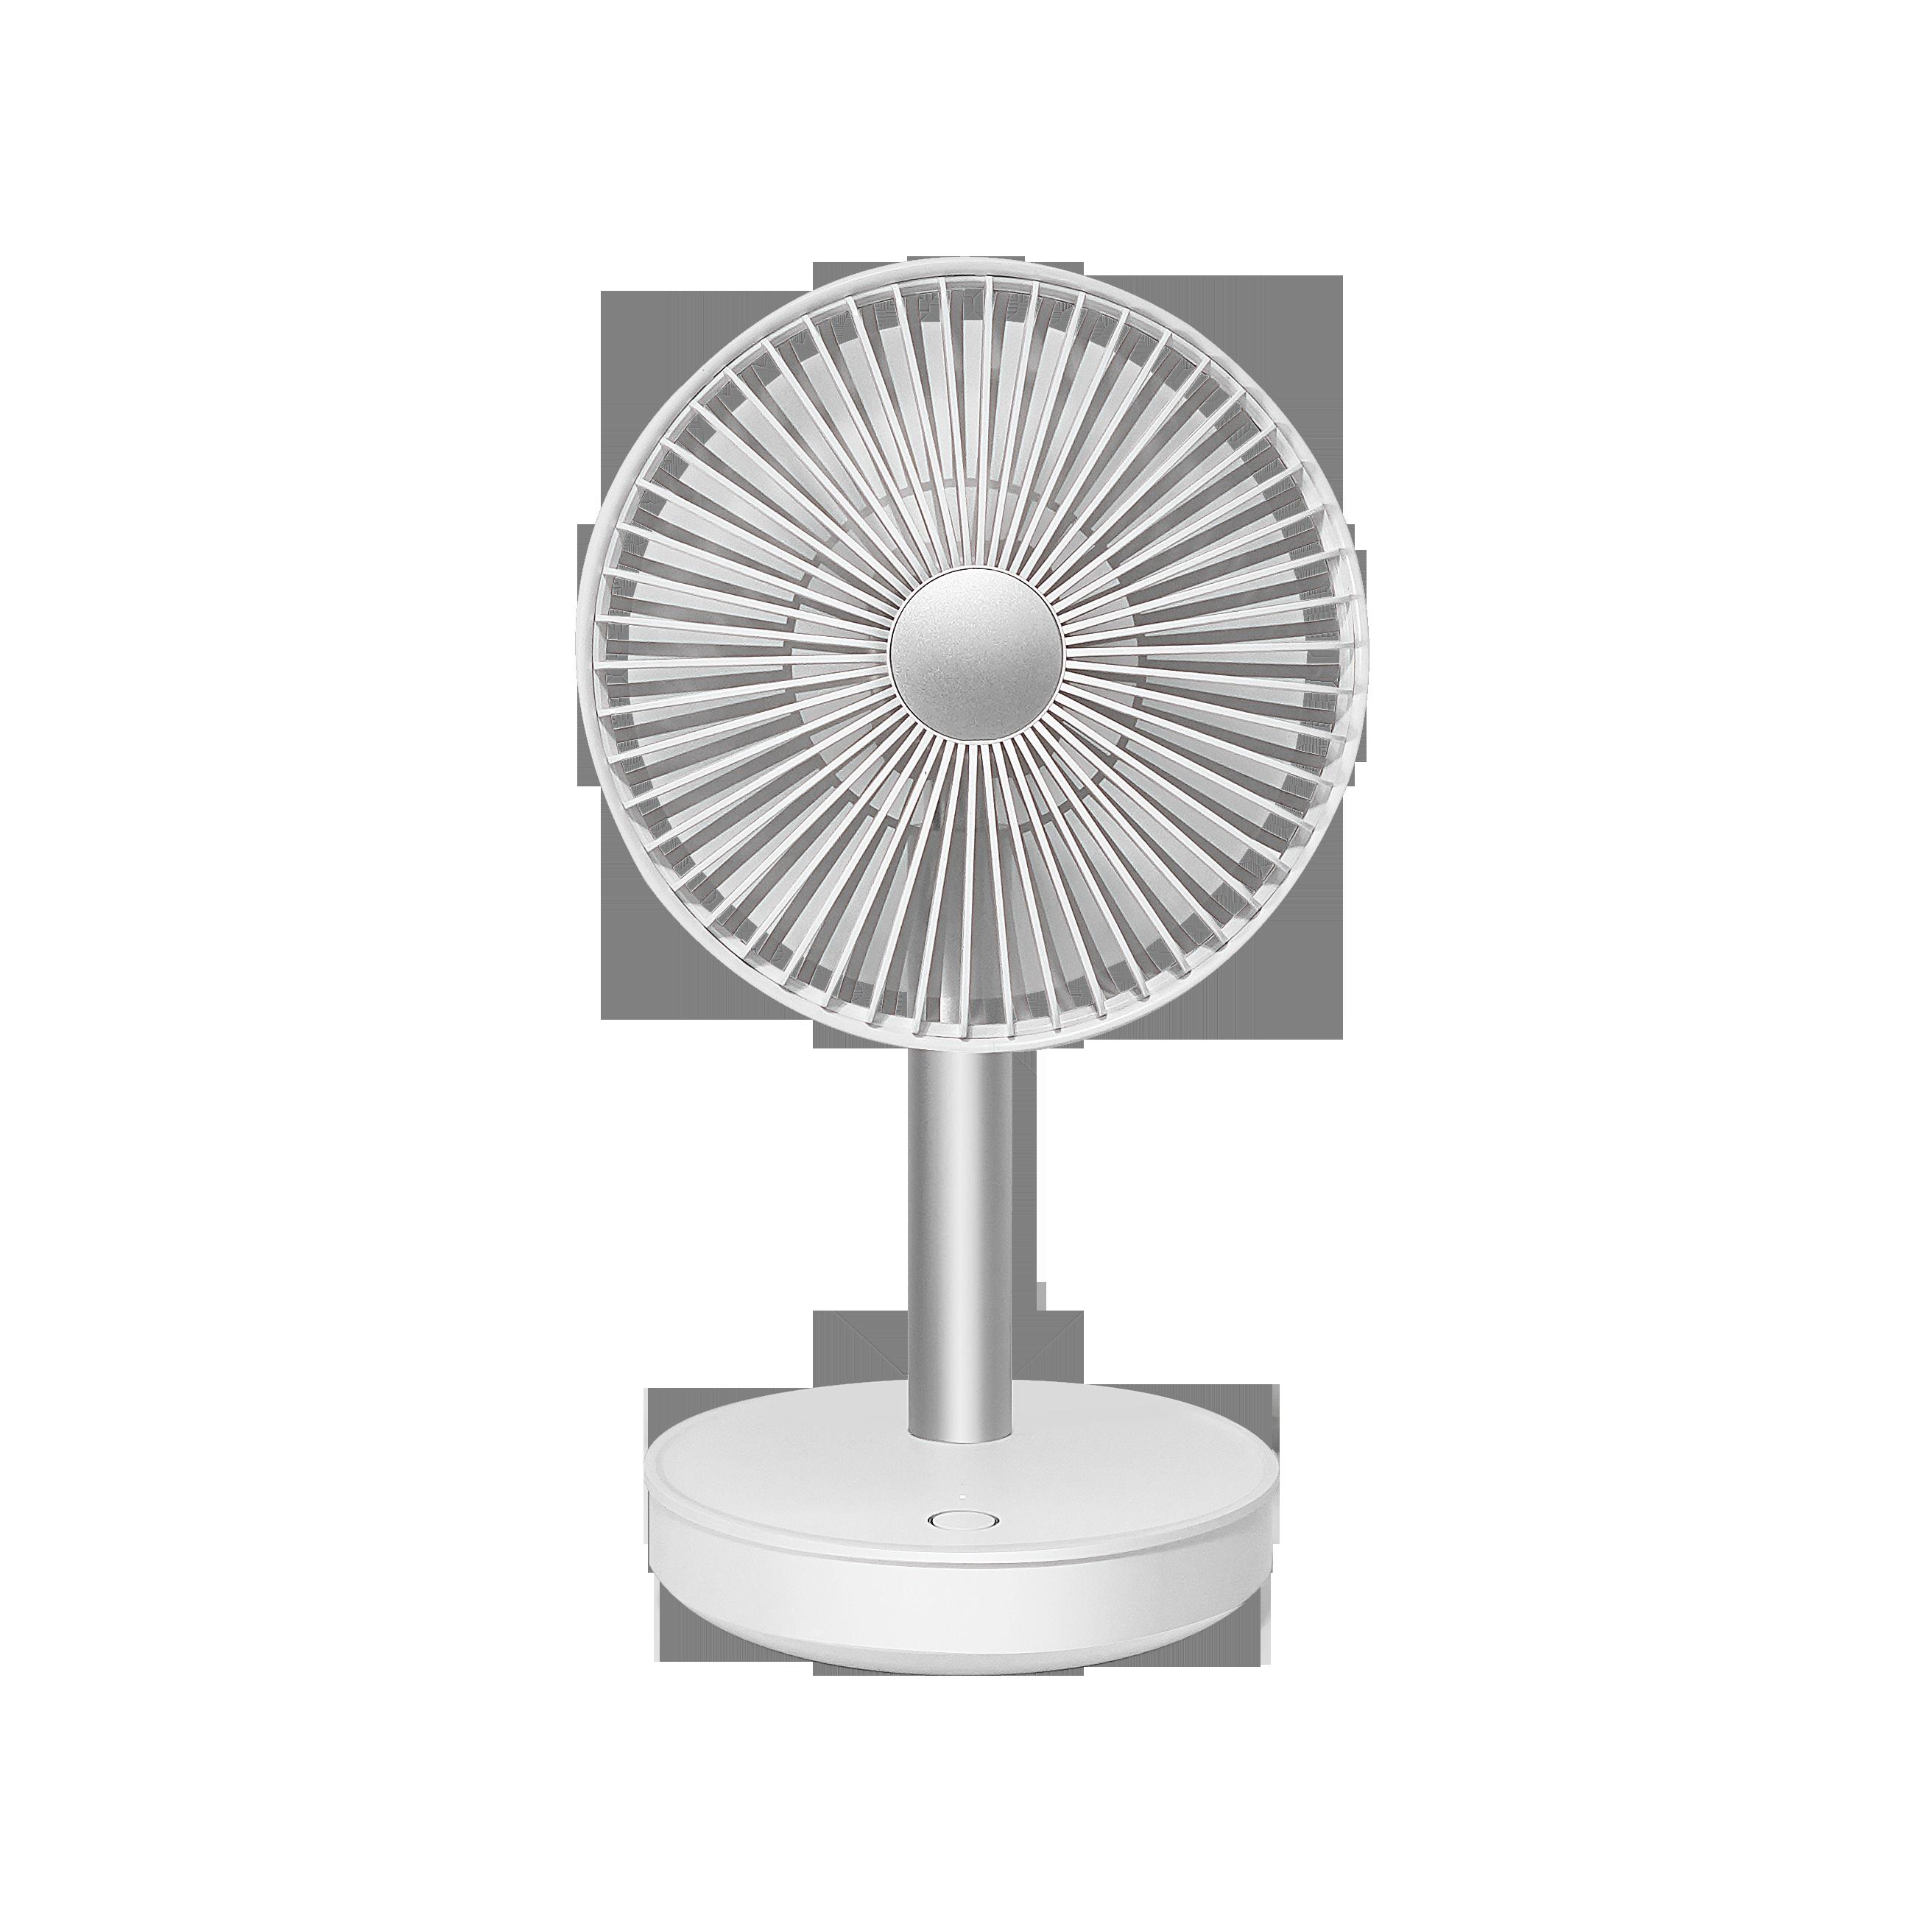 電風扇 USB風扇 小風扇 桌扇 隨身風扇 充電風扇 迷你靜音風扇